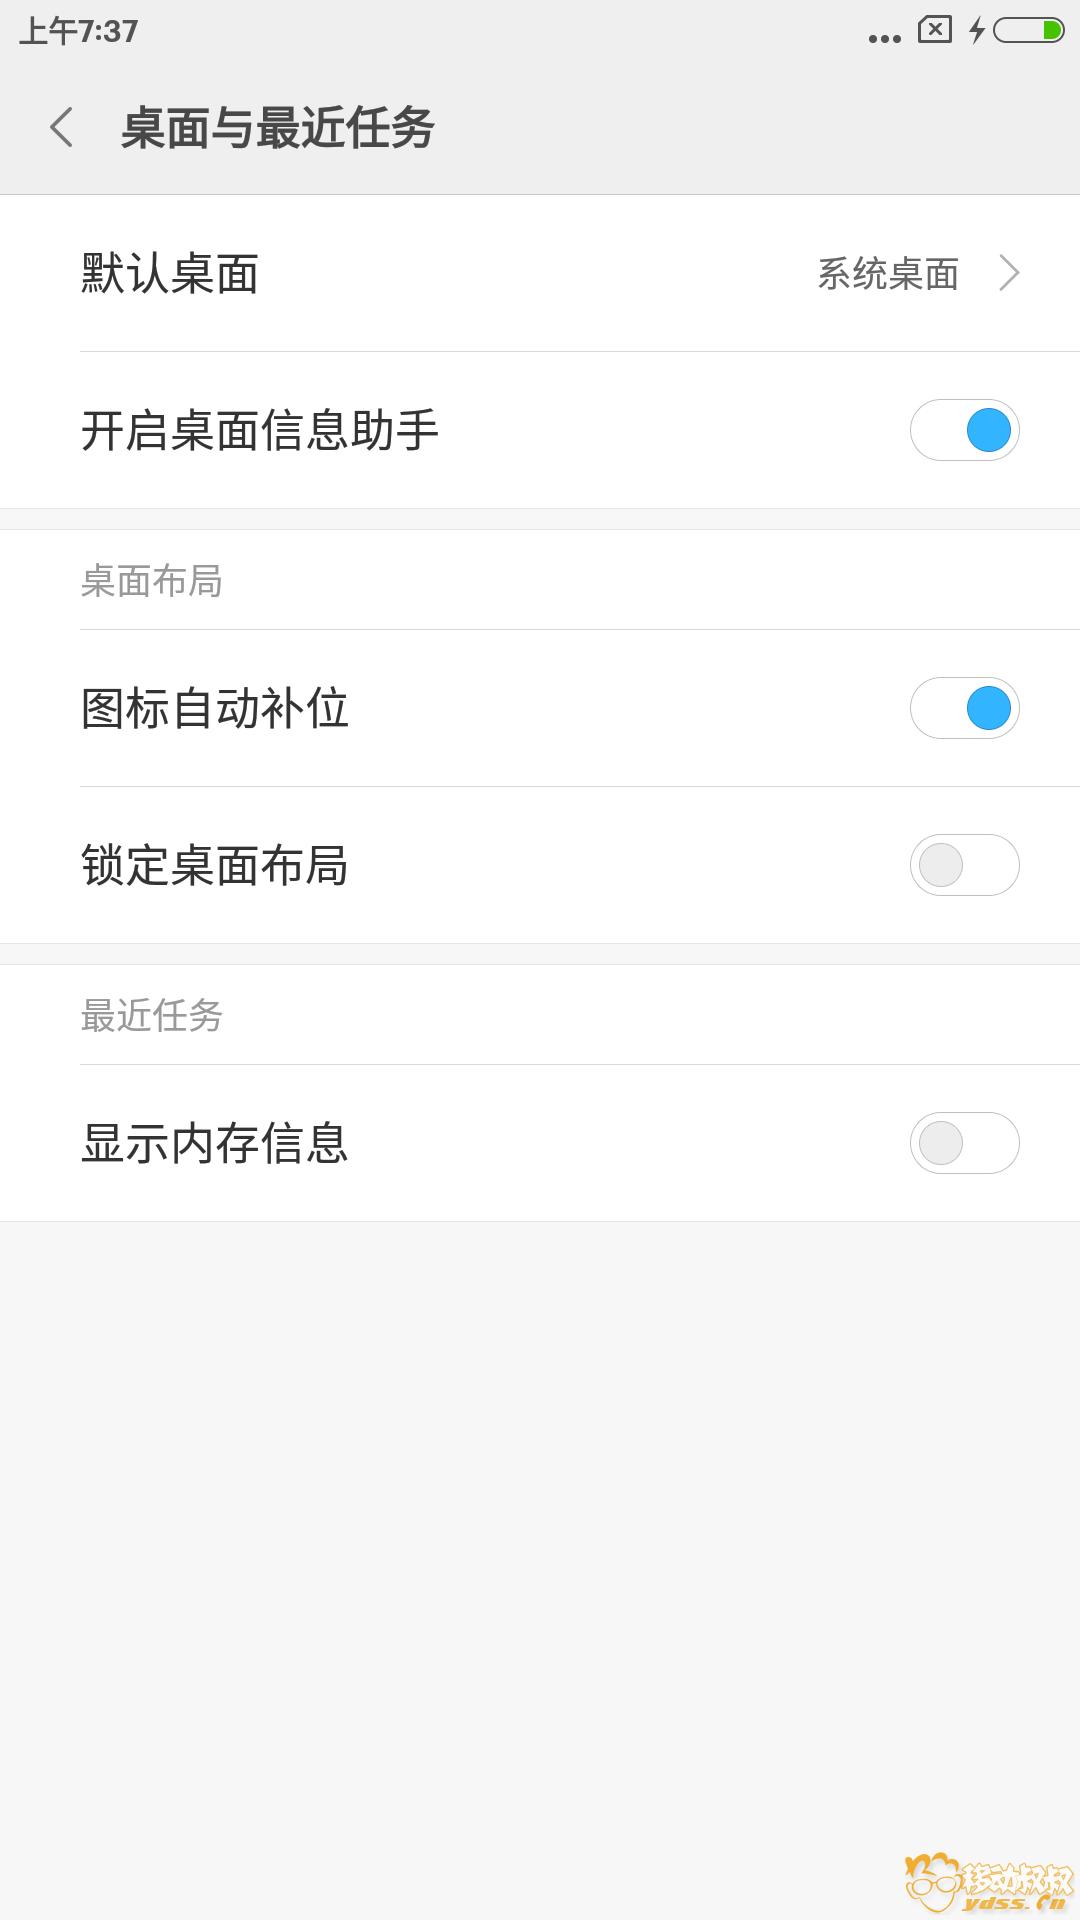 Screenshot_2018-04-21-07-37-20-274_com.miui.home.png